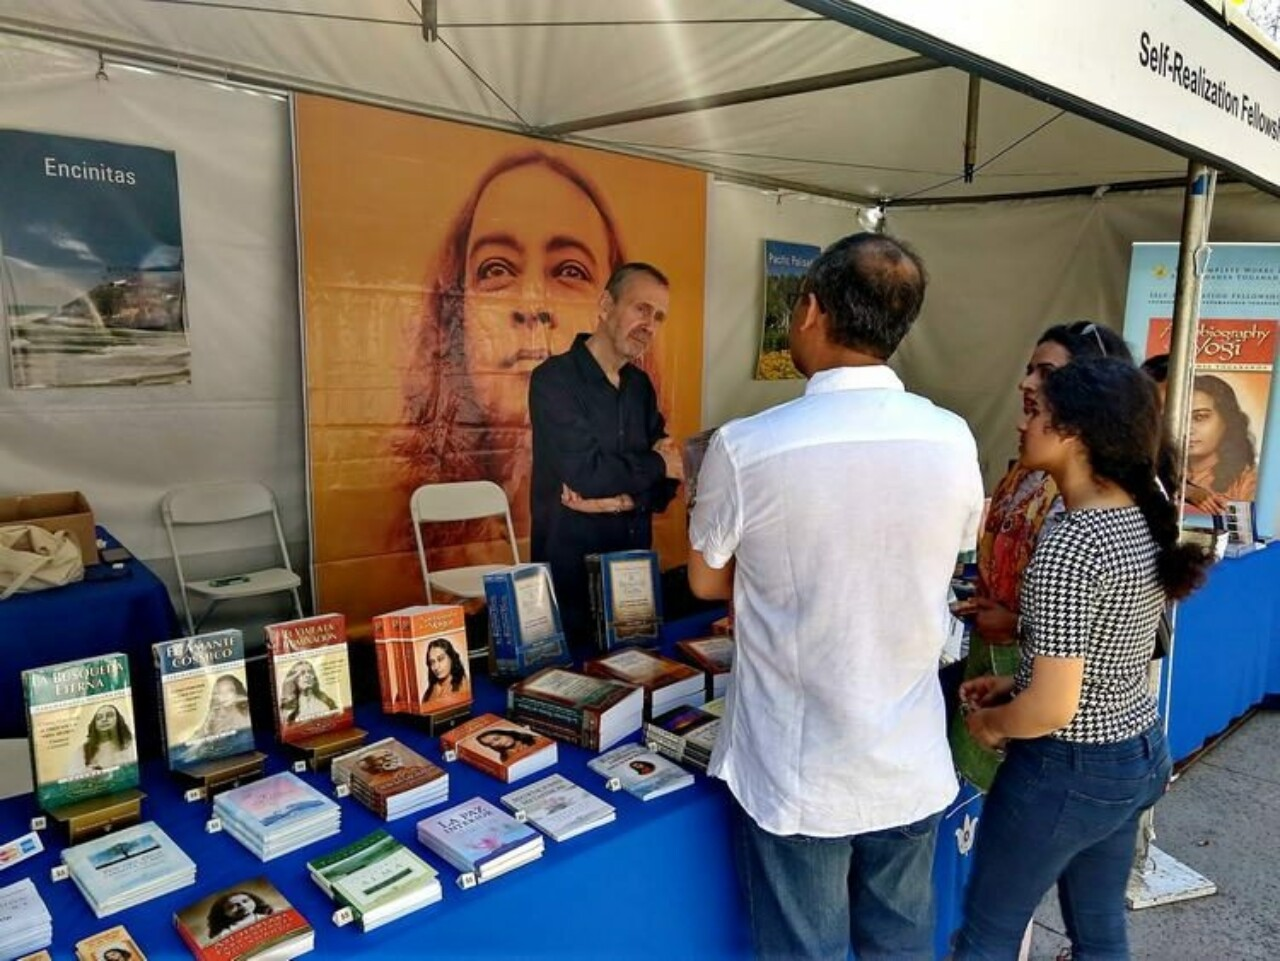 Blog News Bringing The Teachings Festival Of Books